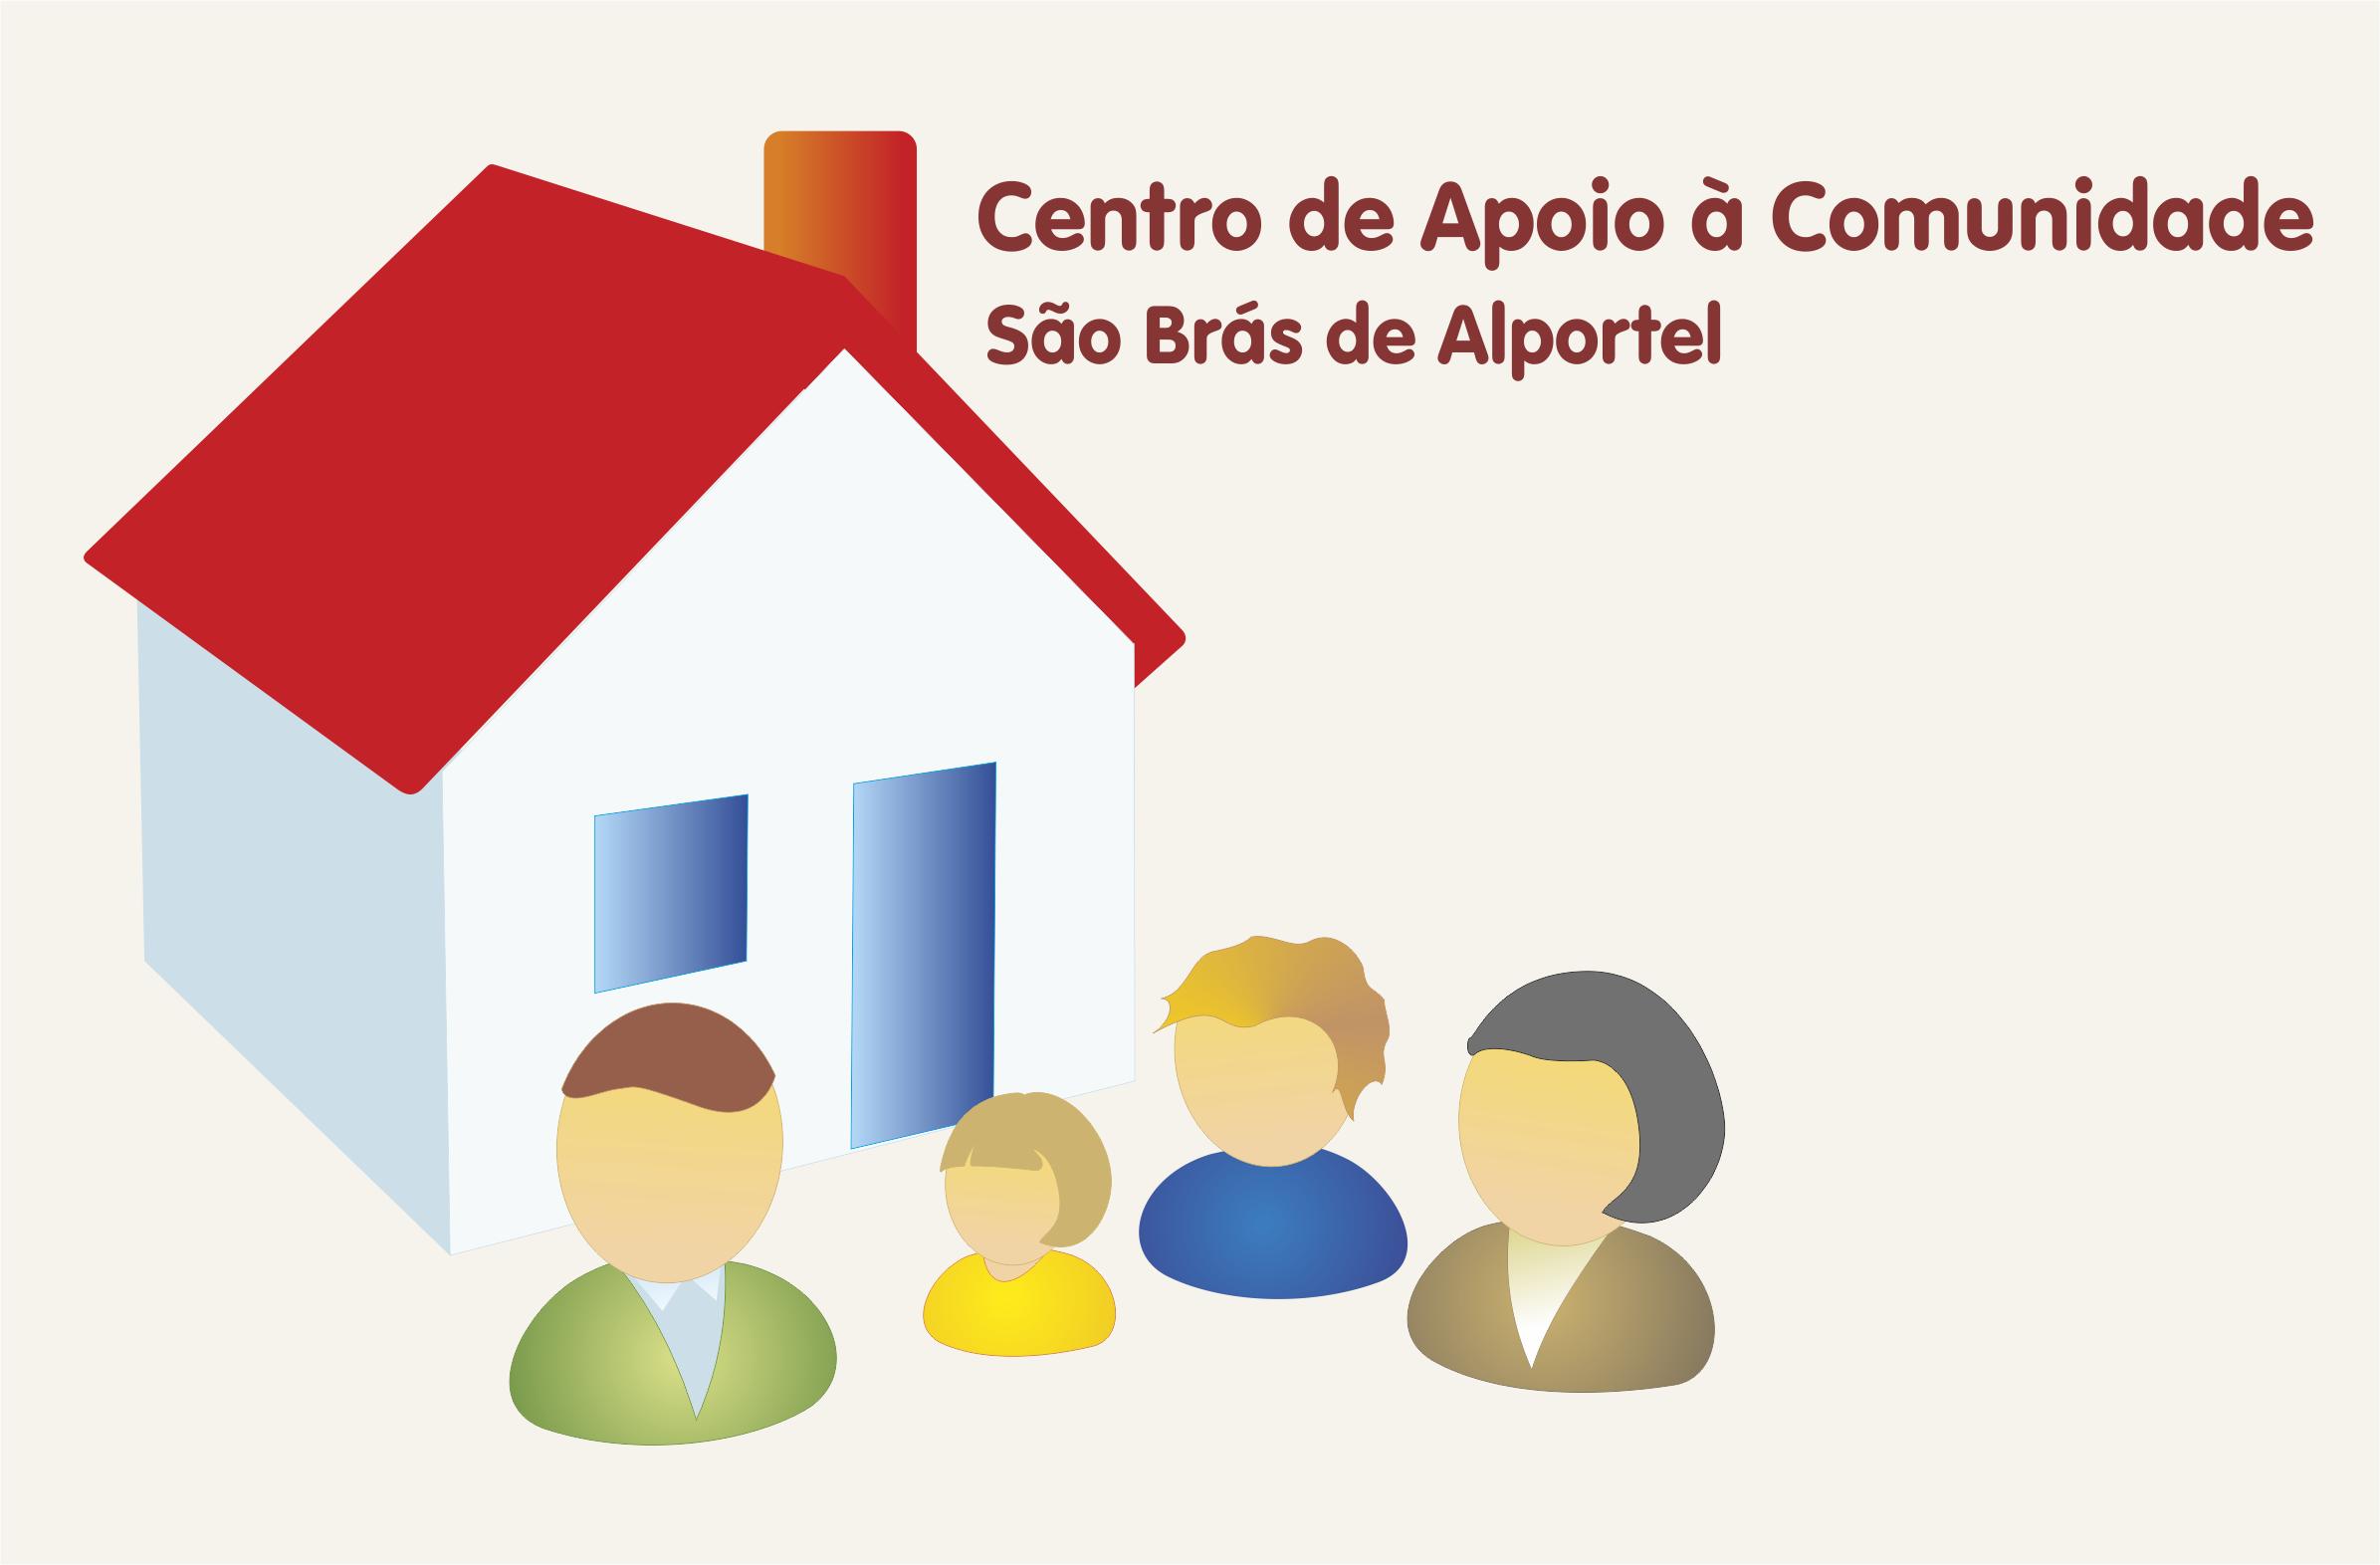 Centro de Apoio à Comunidade